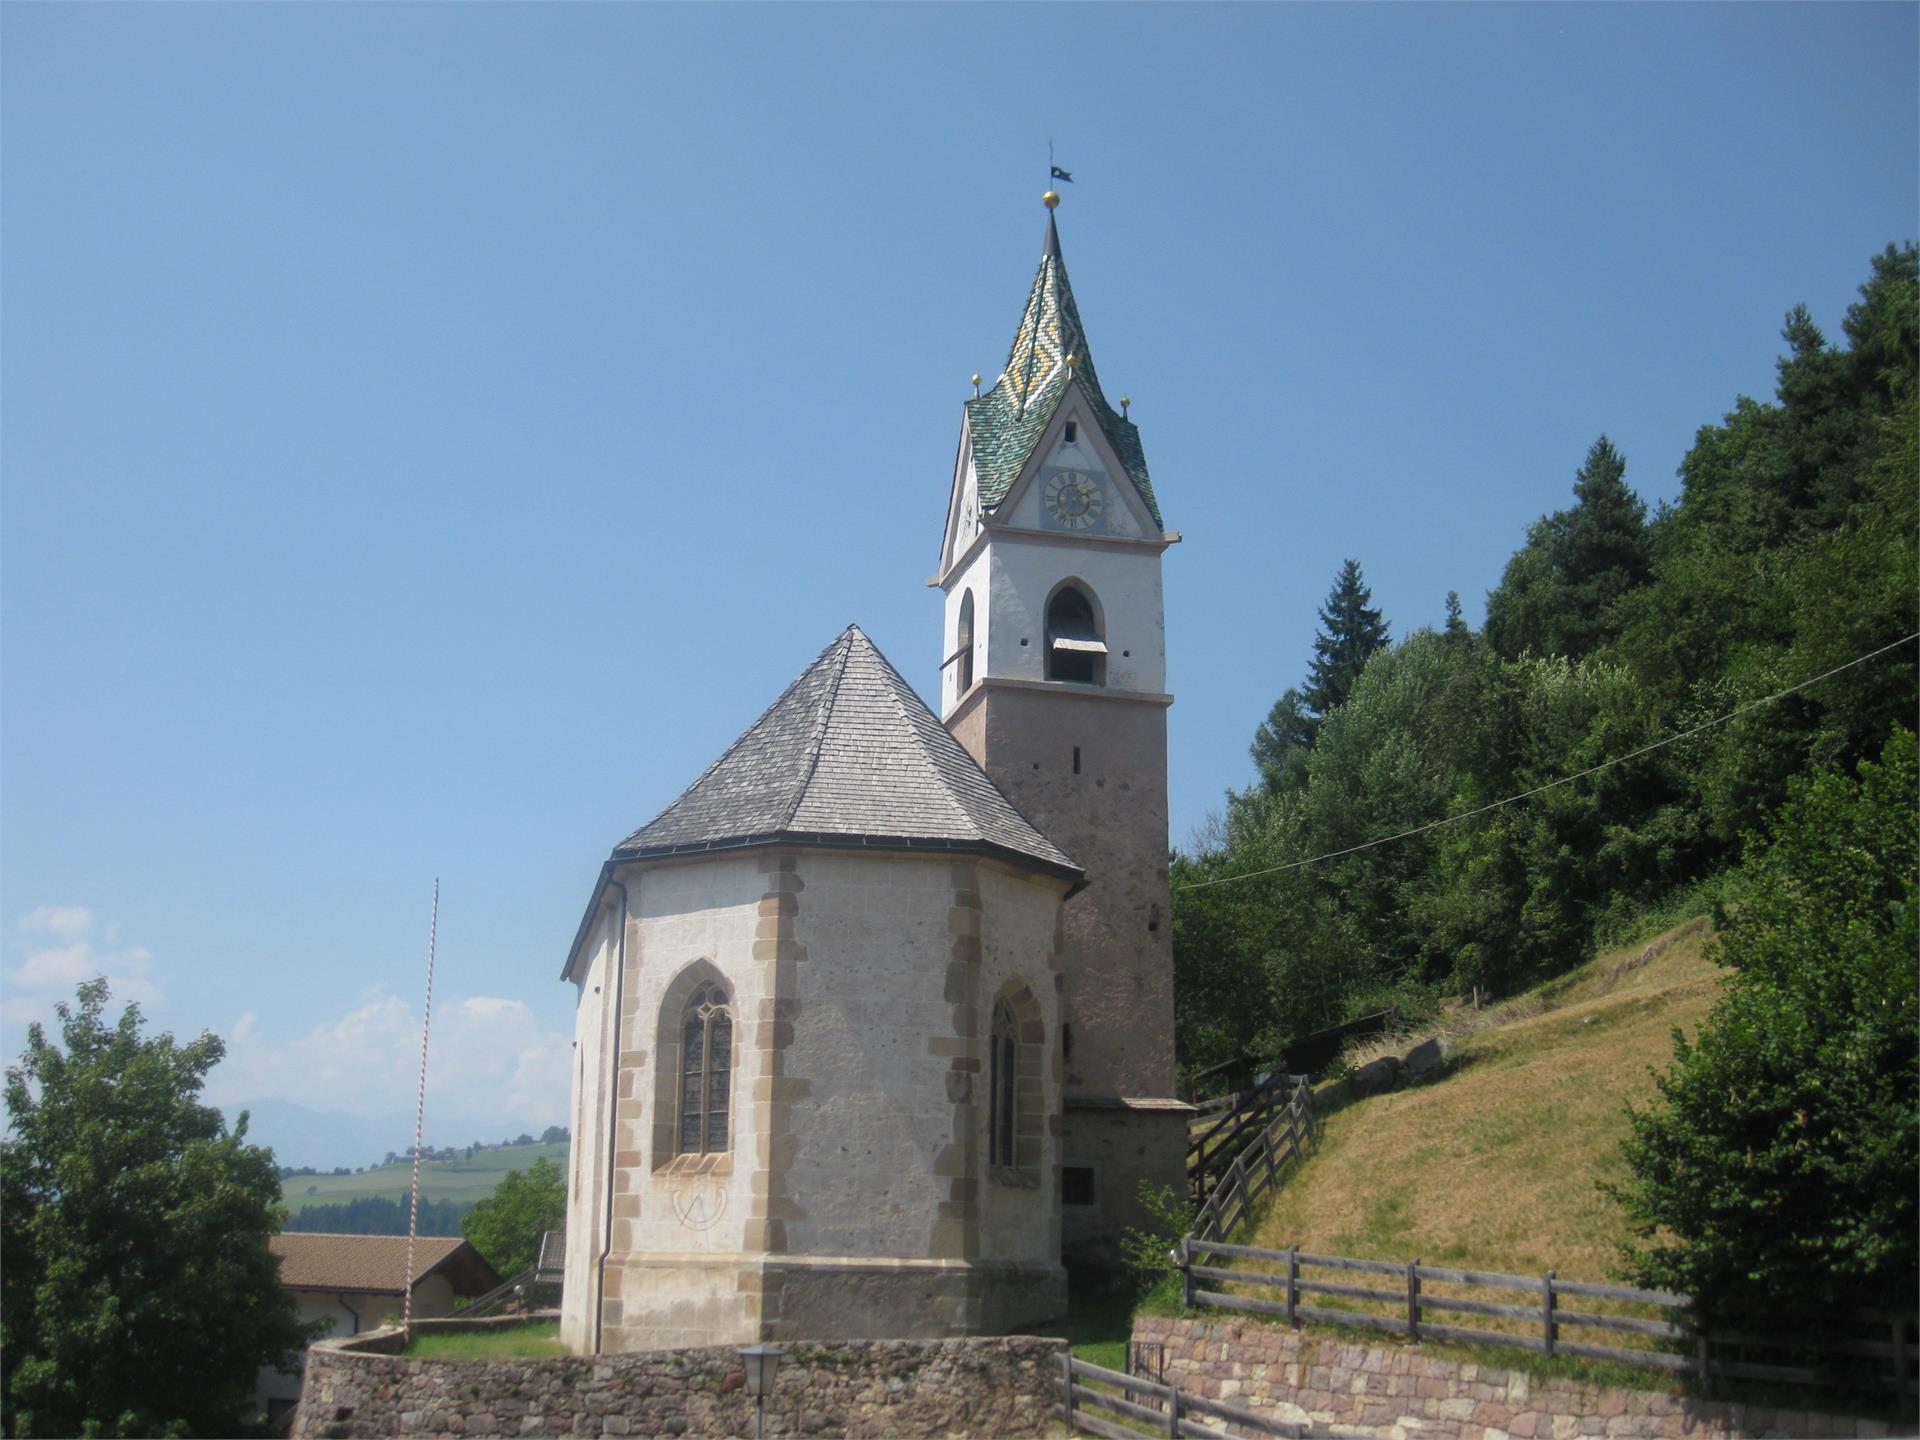 St. Blasius-Kirche in Verschneid